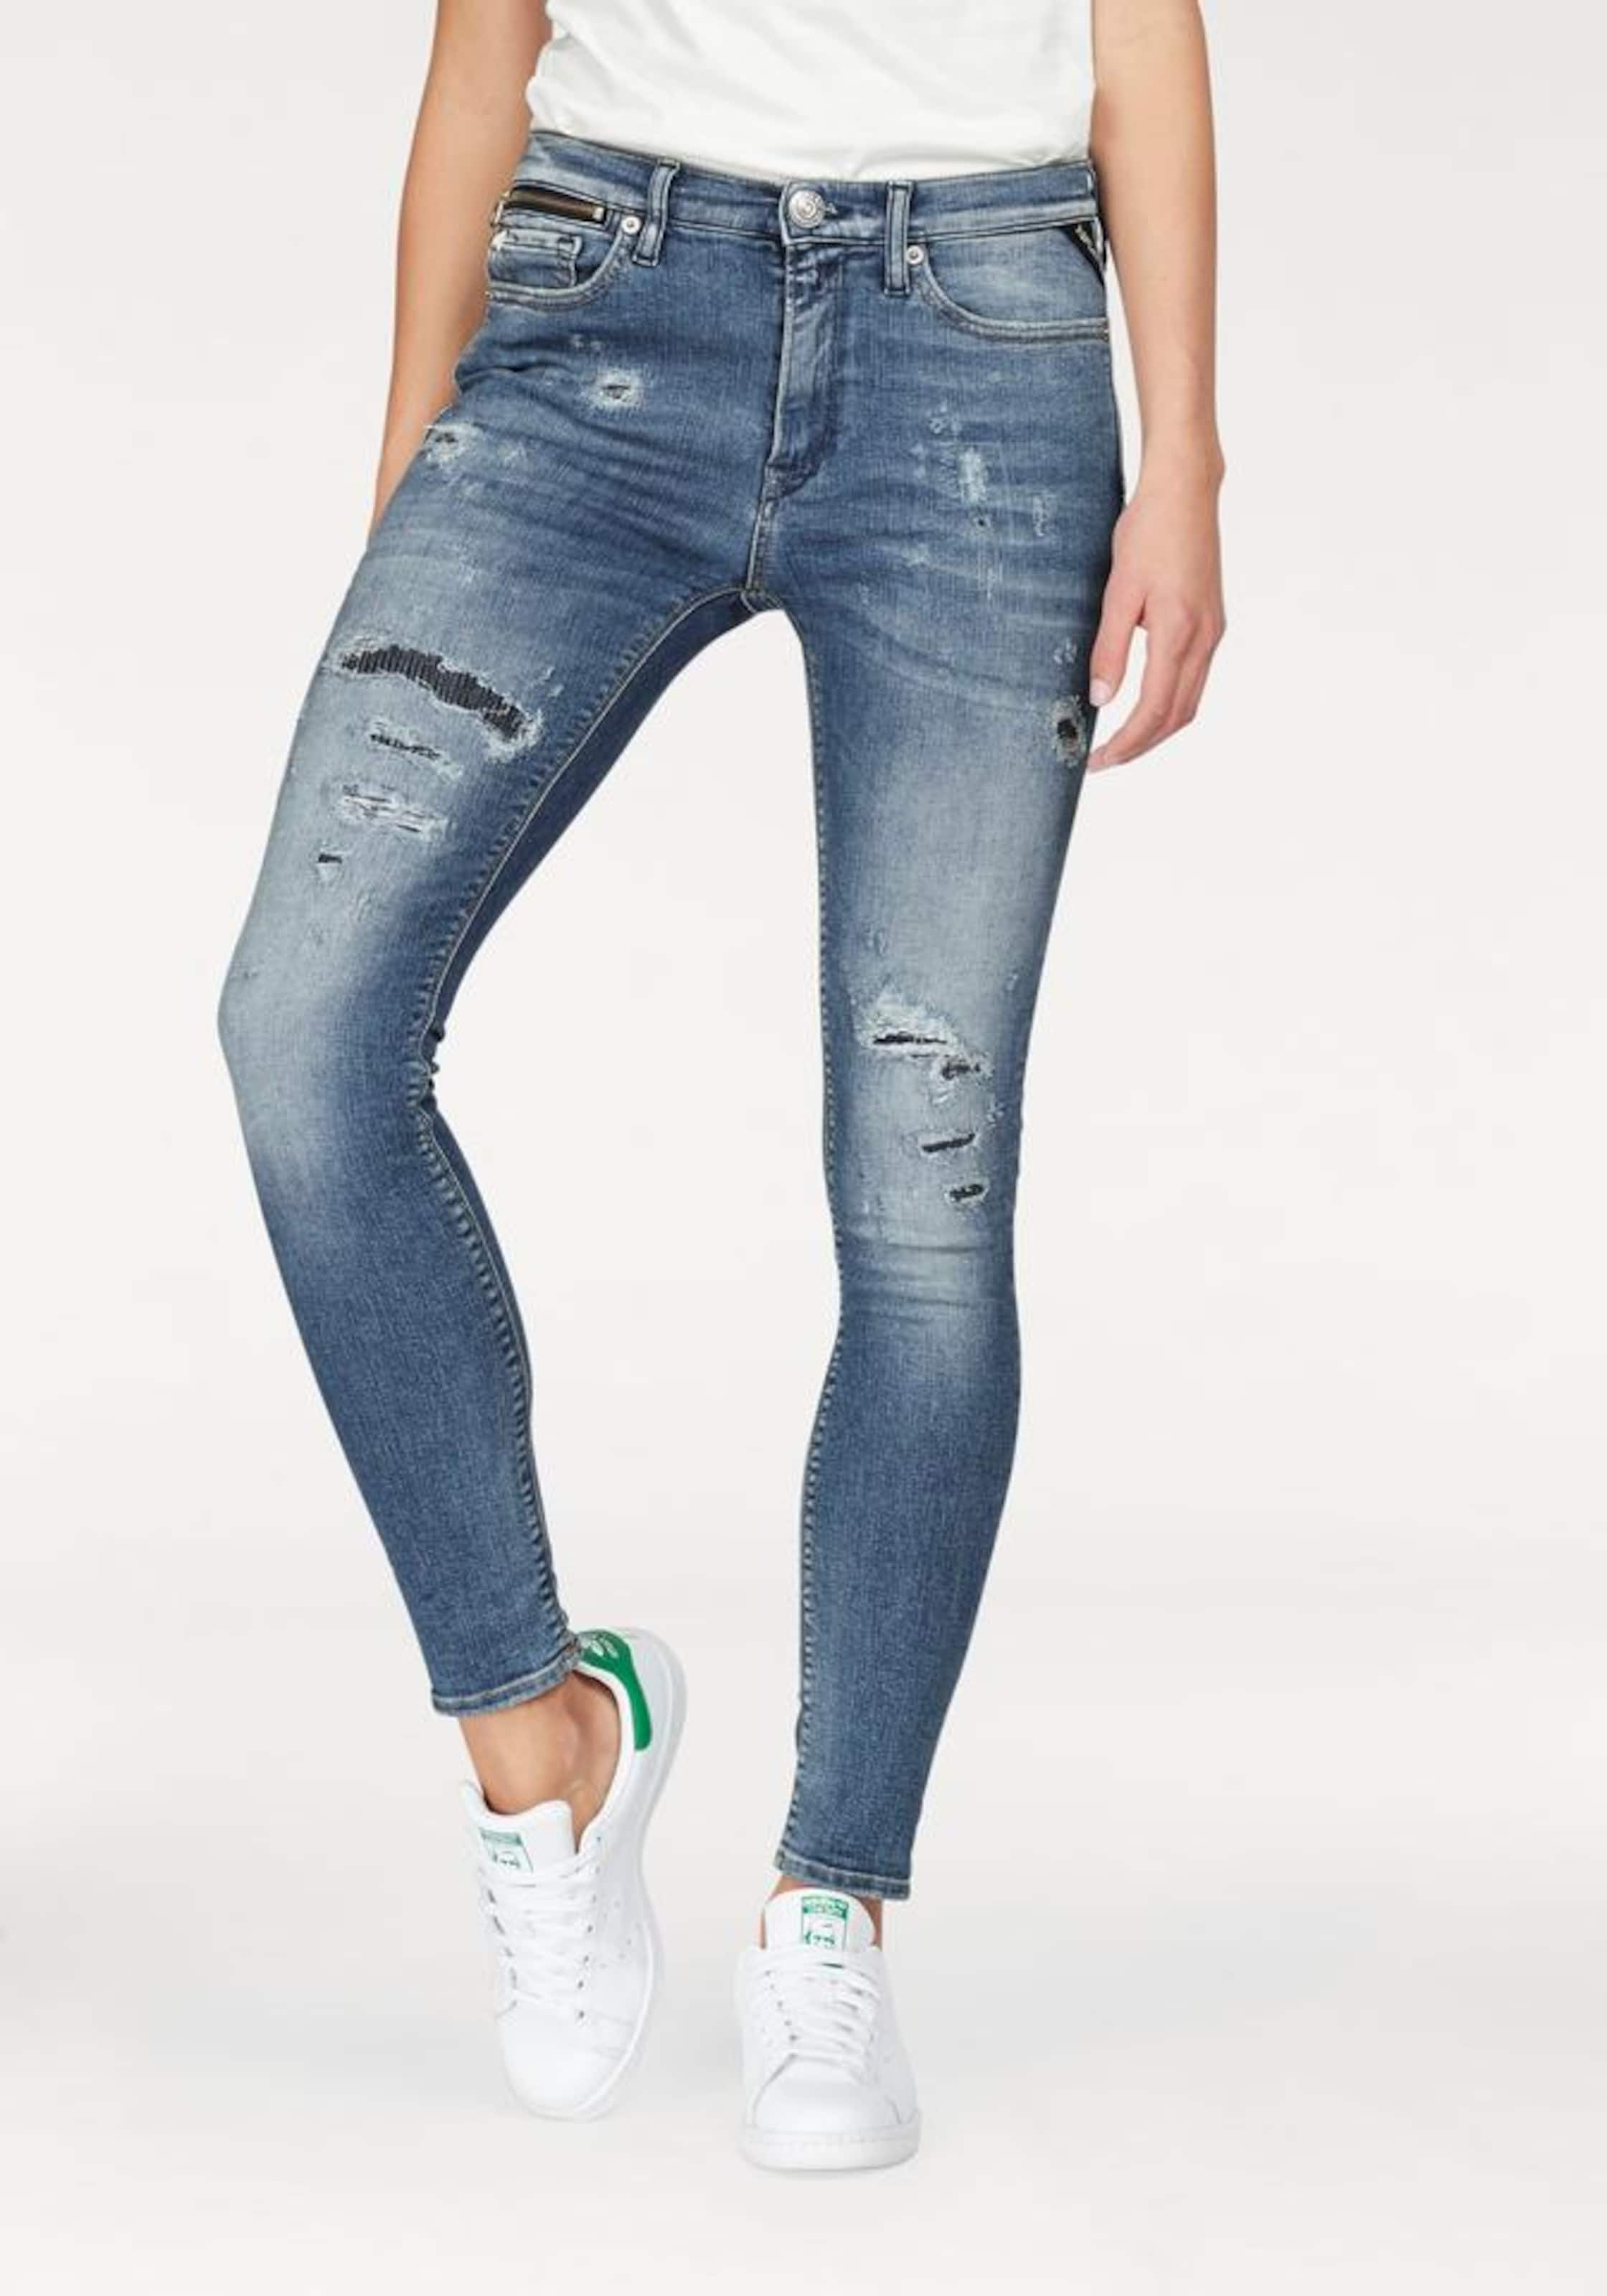 REPLAY Skinny-fit-Jeans 'ZACKIE' Super Zum Verkauf Günstig Online Angebot mN0XCt